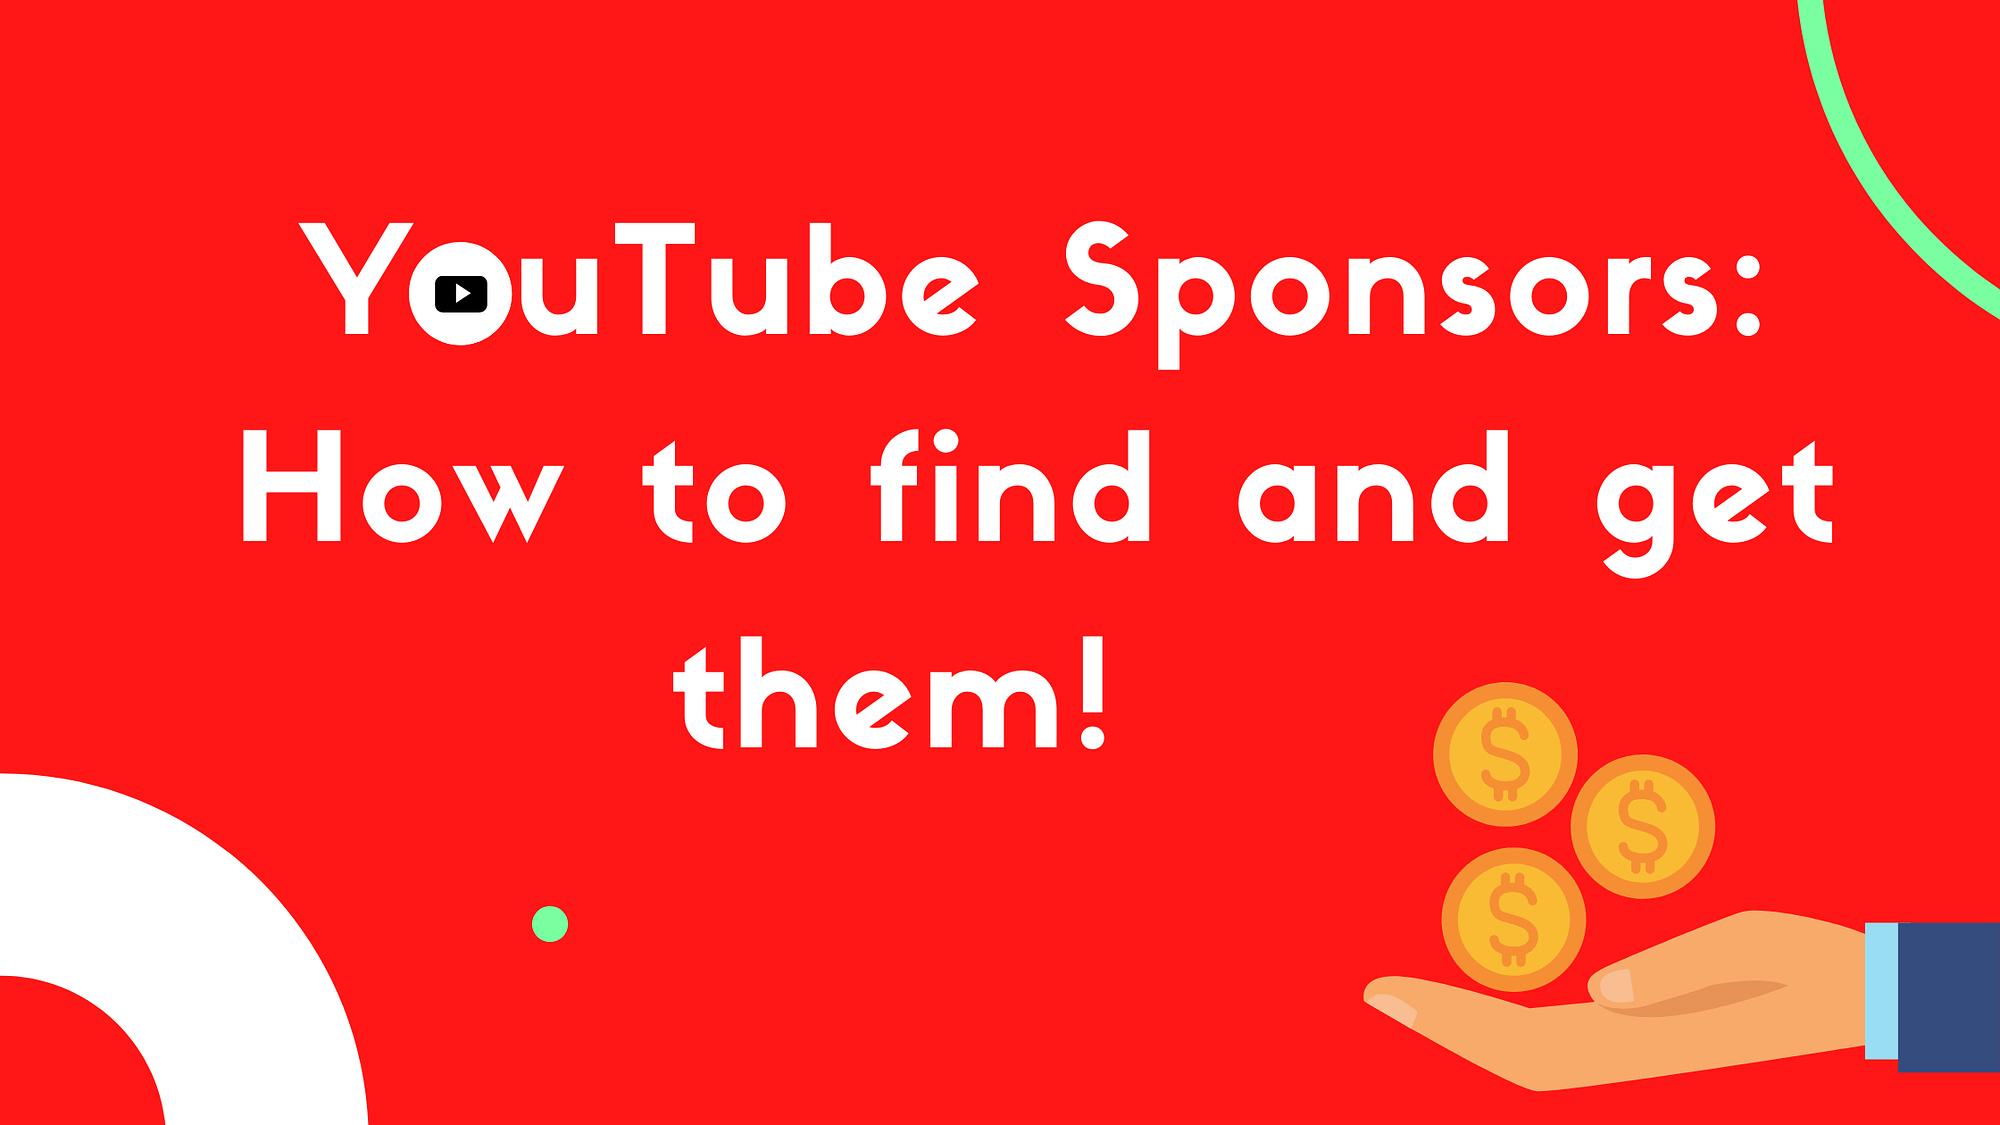 YouTube Sponsors